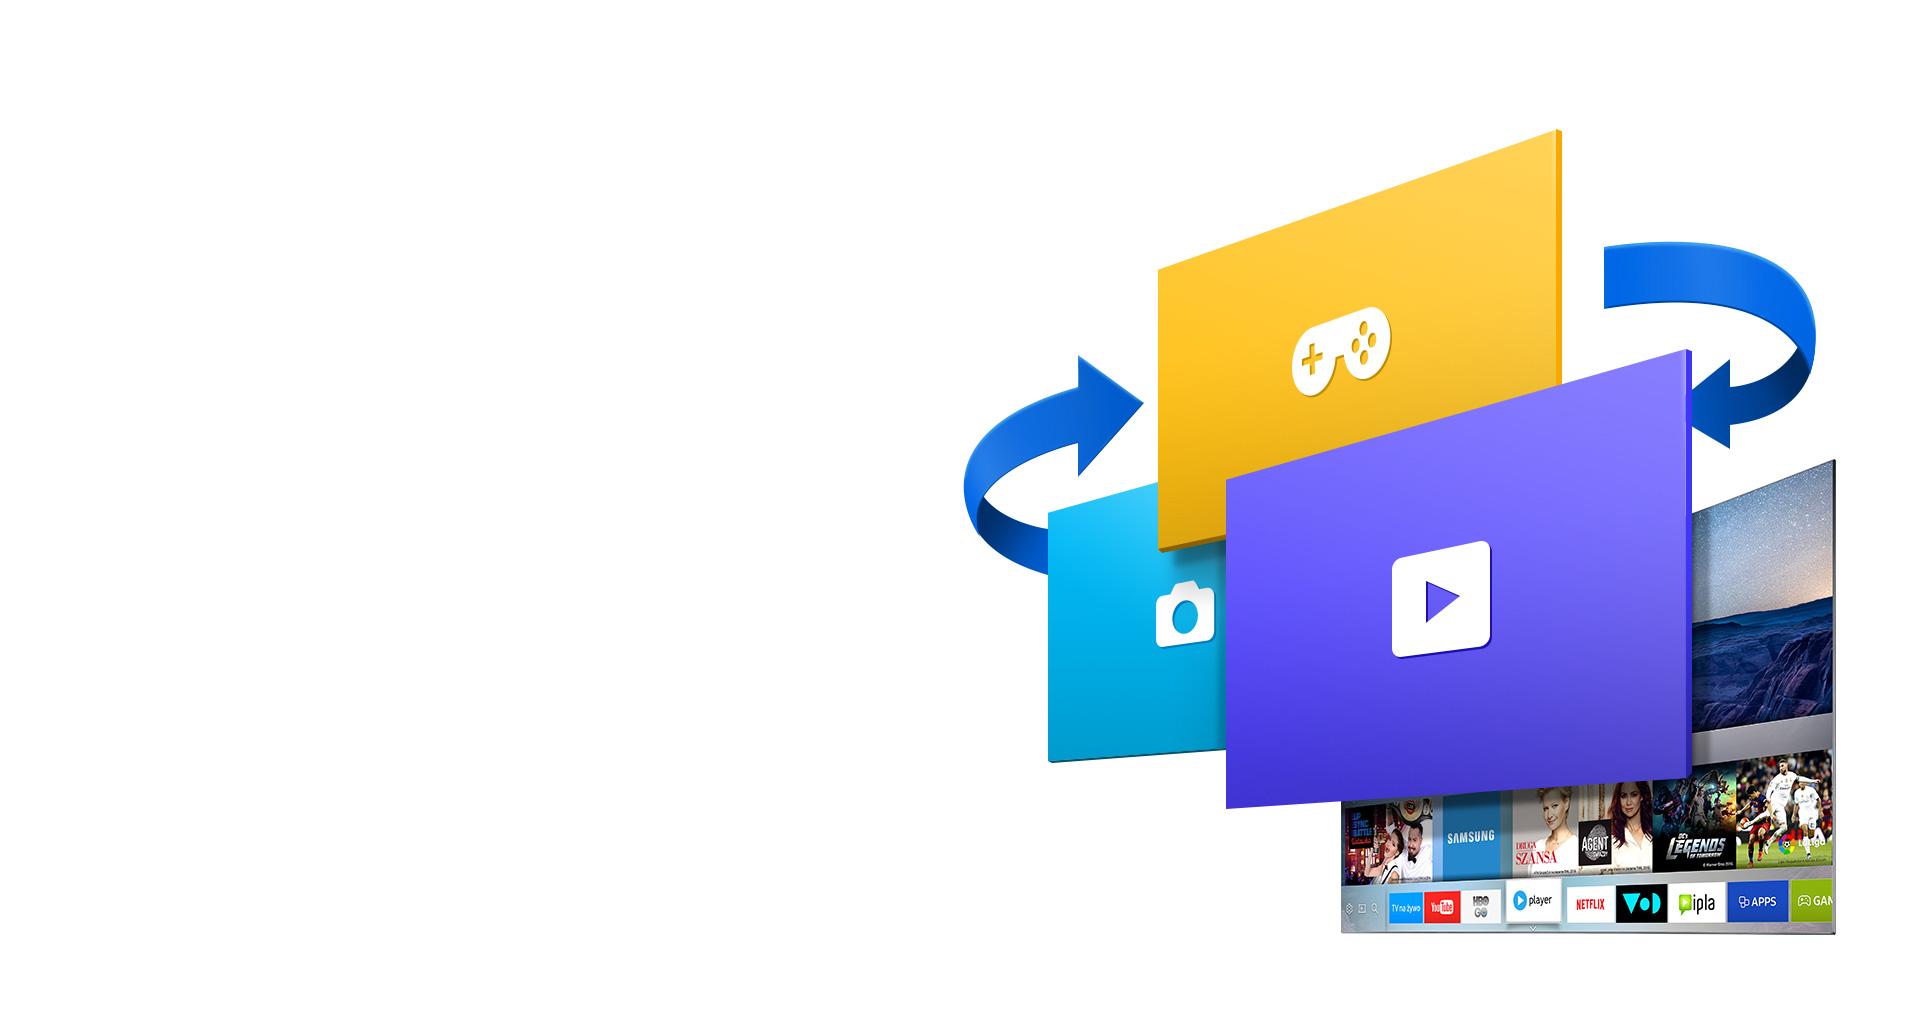 Szybszy Smart TV dzięki Tizen